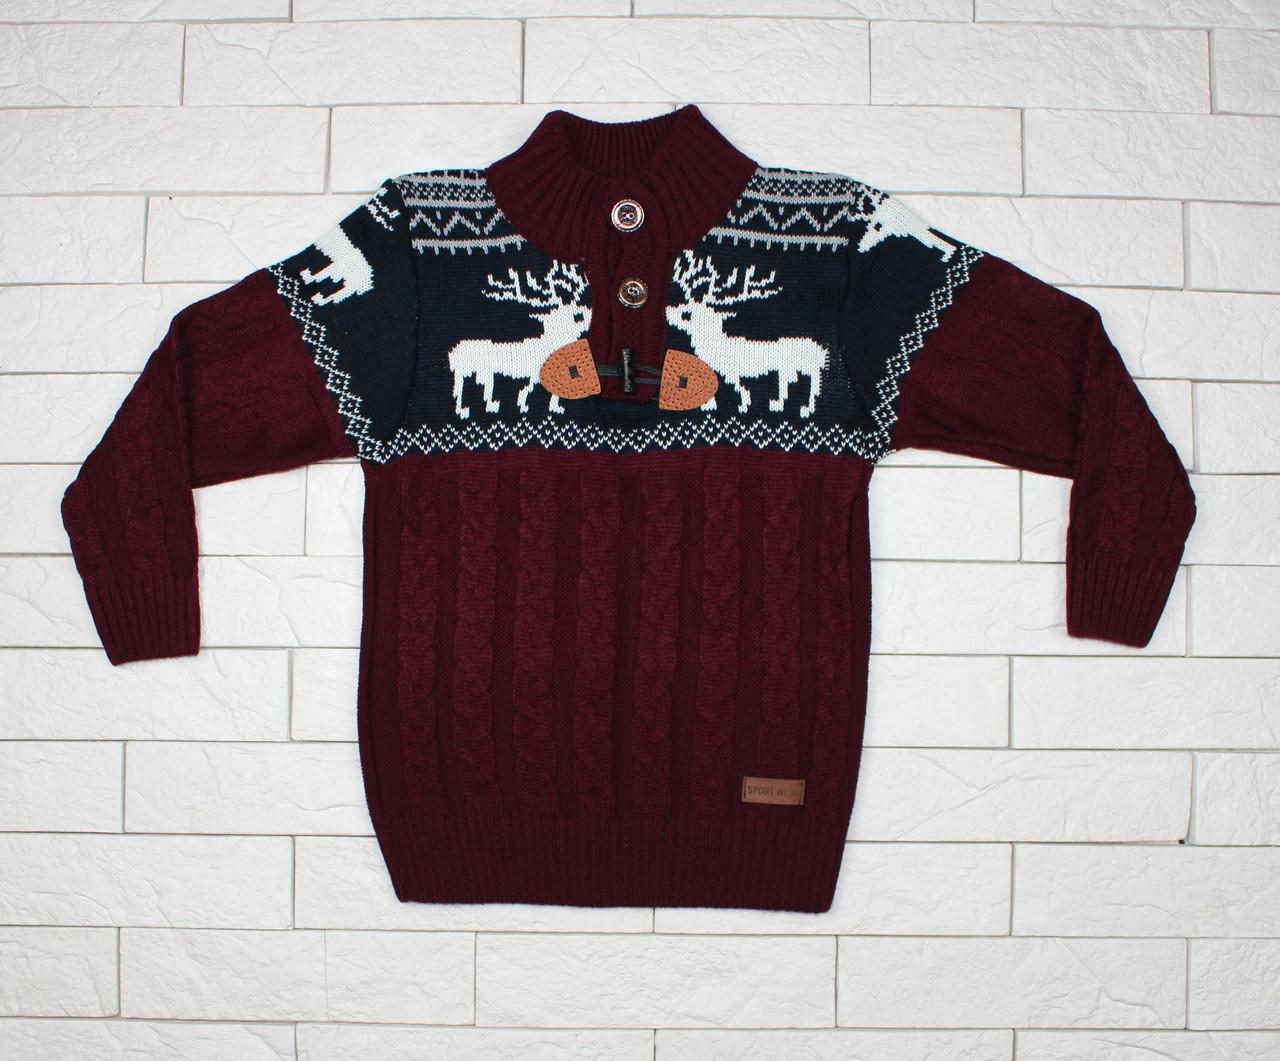 Теплый темно-бордовый свитер с оленями для мальчика